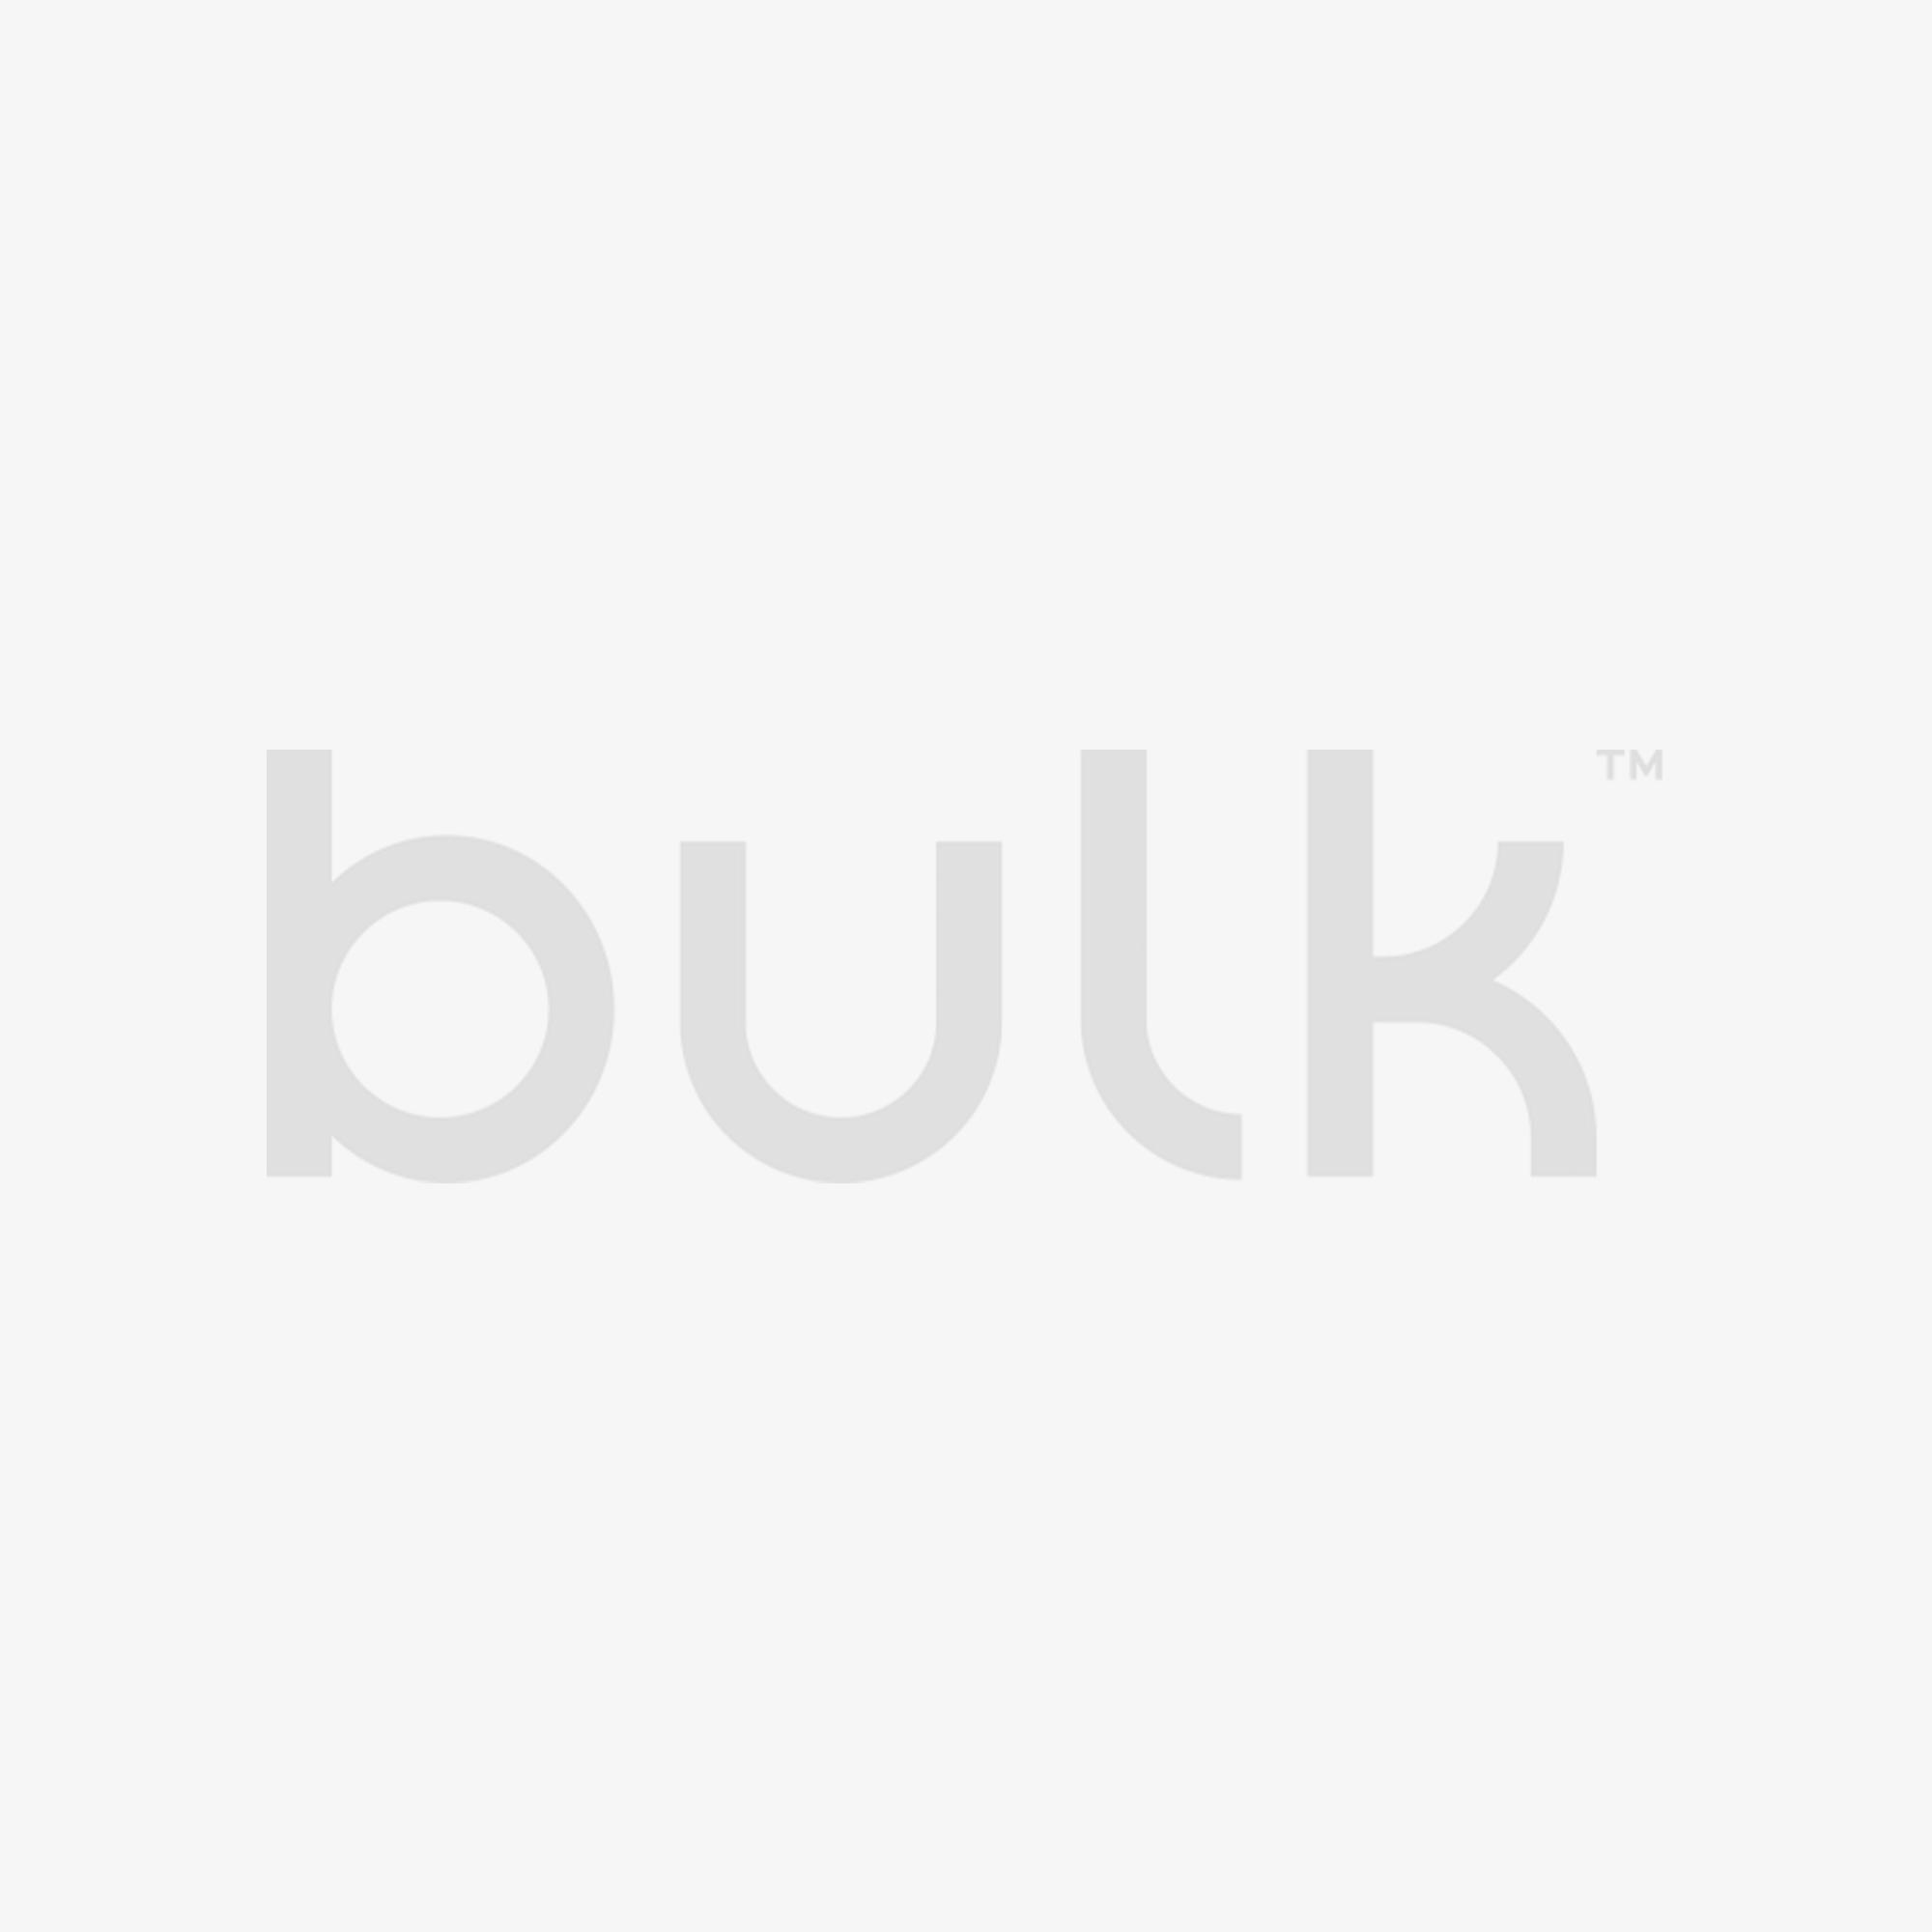 Bulking Bundle - BULK POWDERS